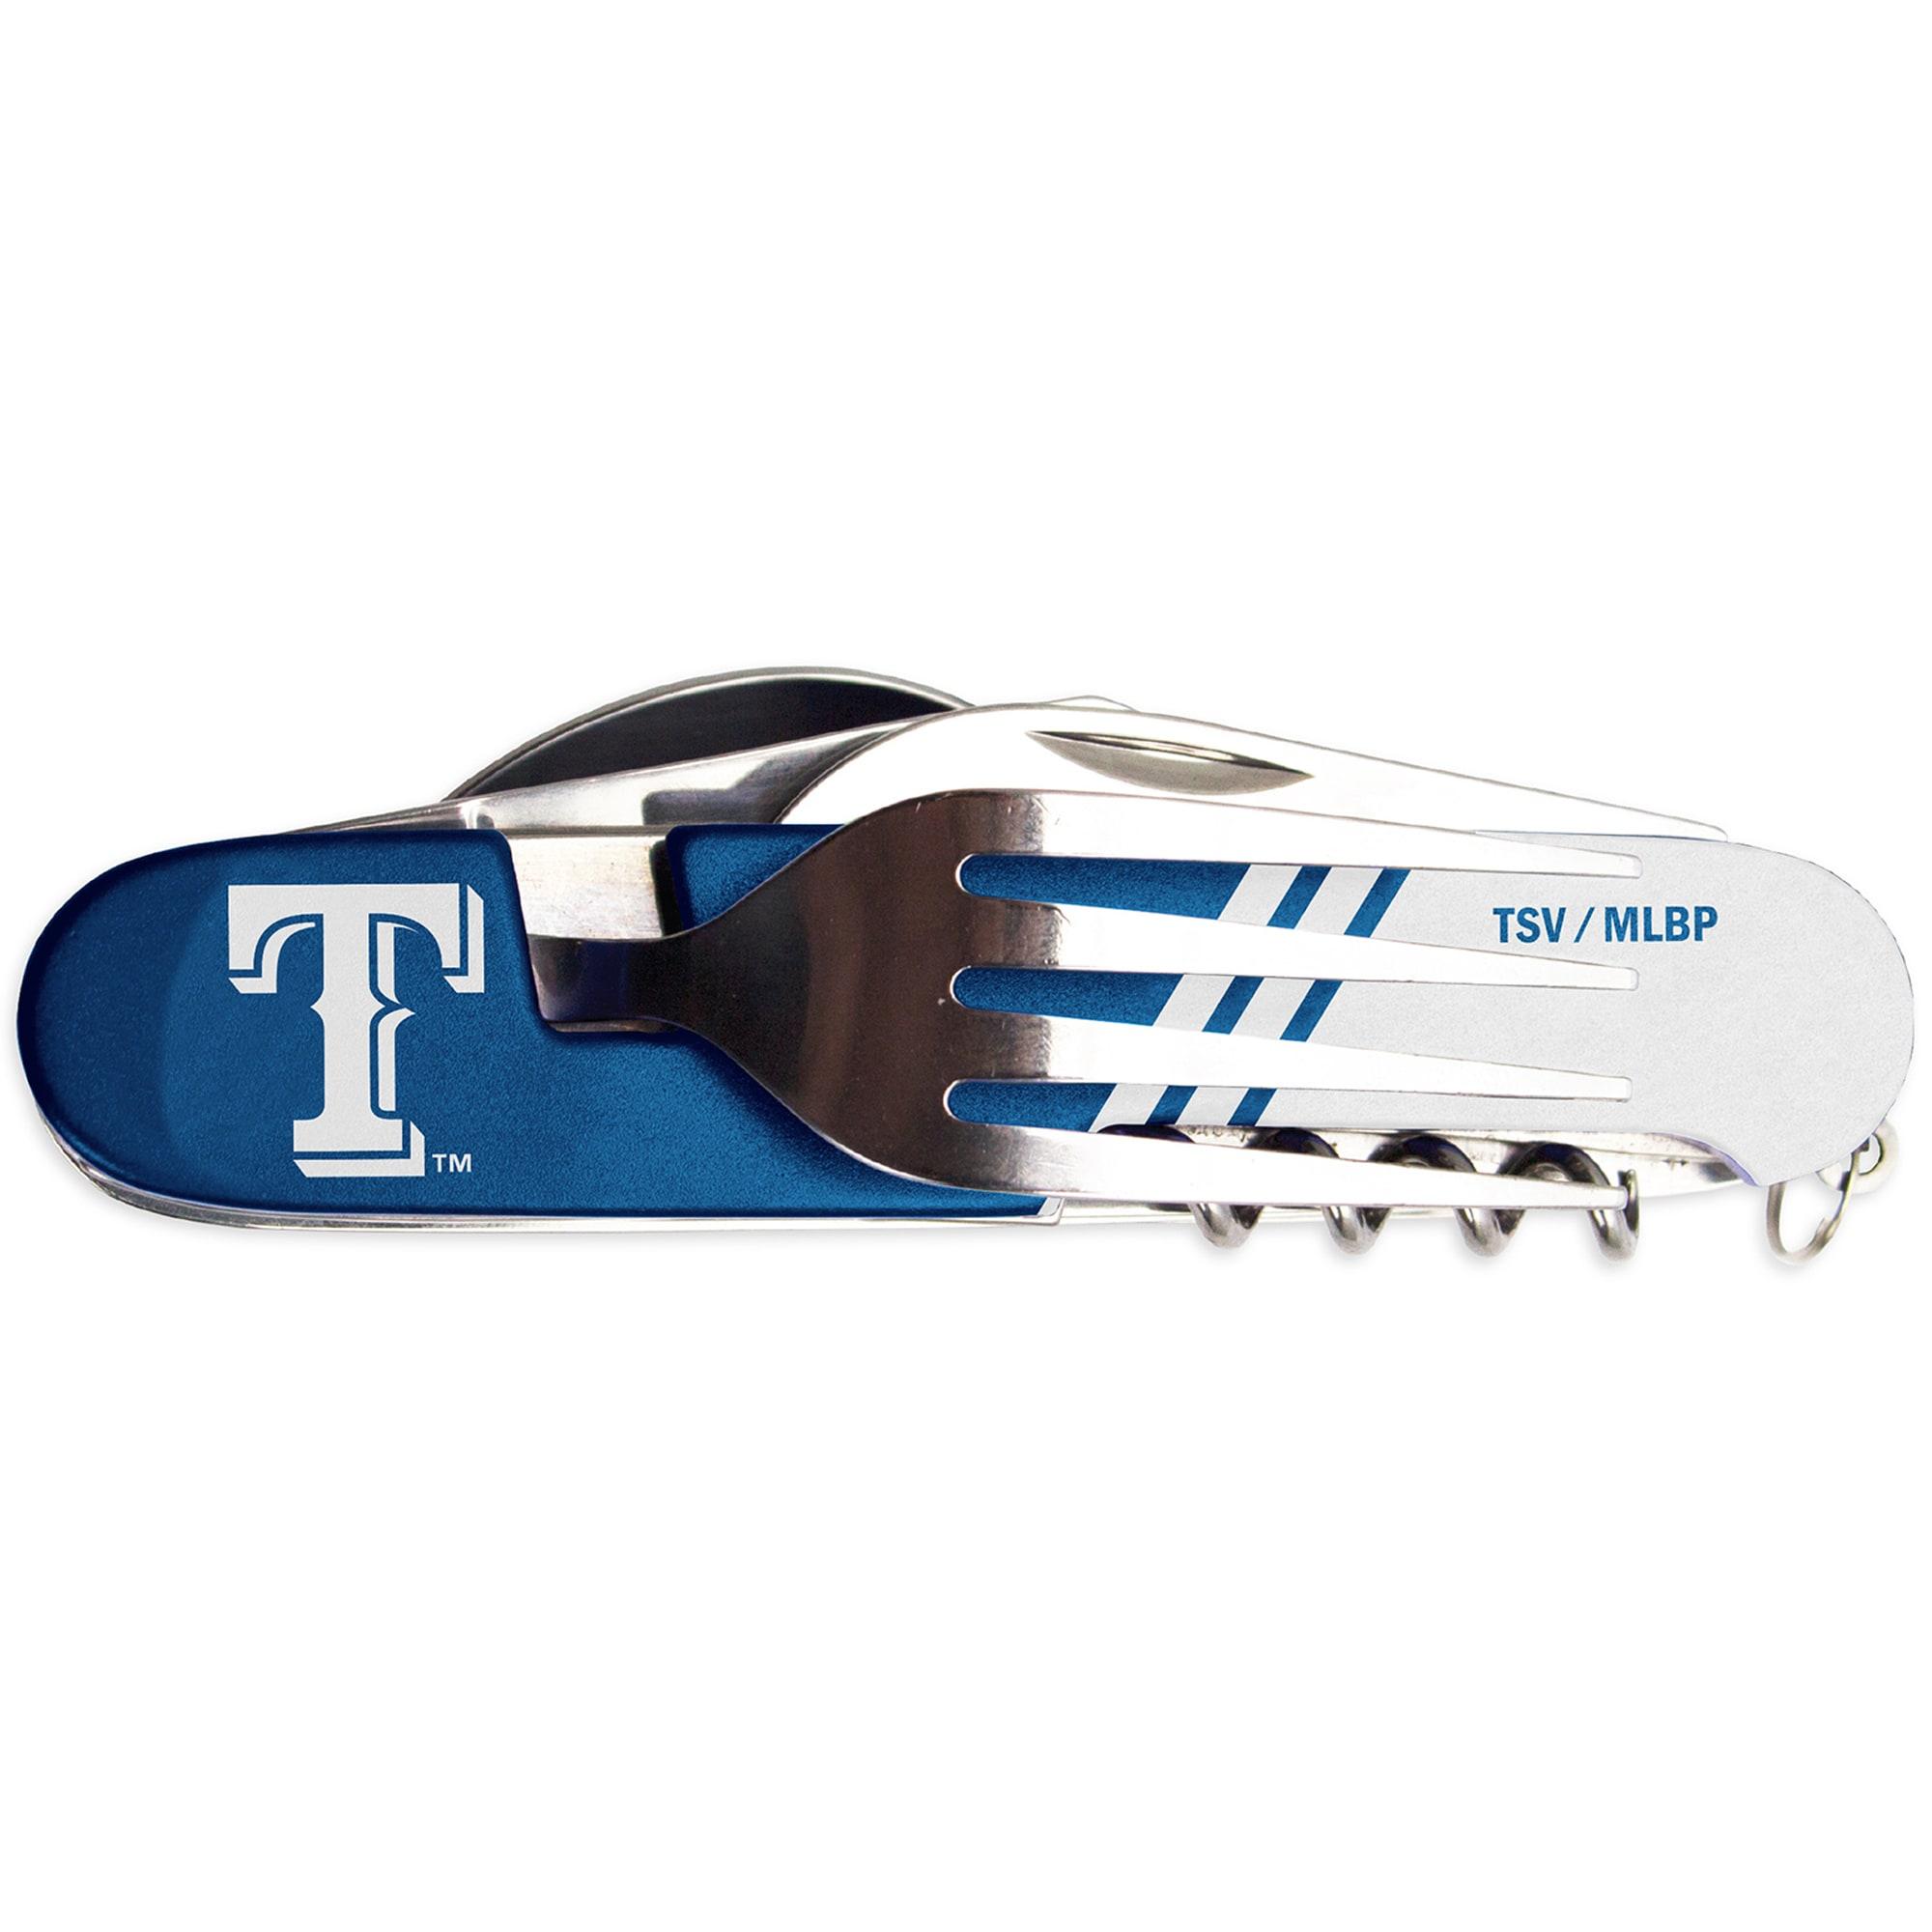 Texas Rangers Utensil Multi-Tool - Blue